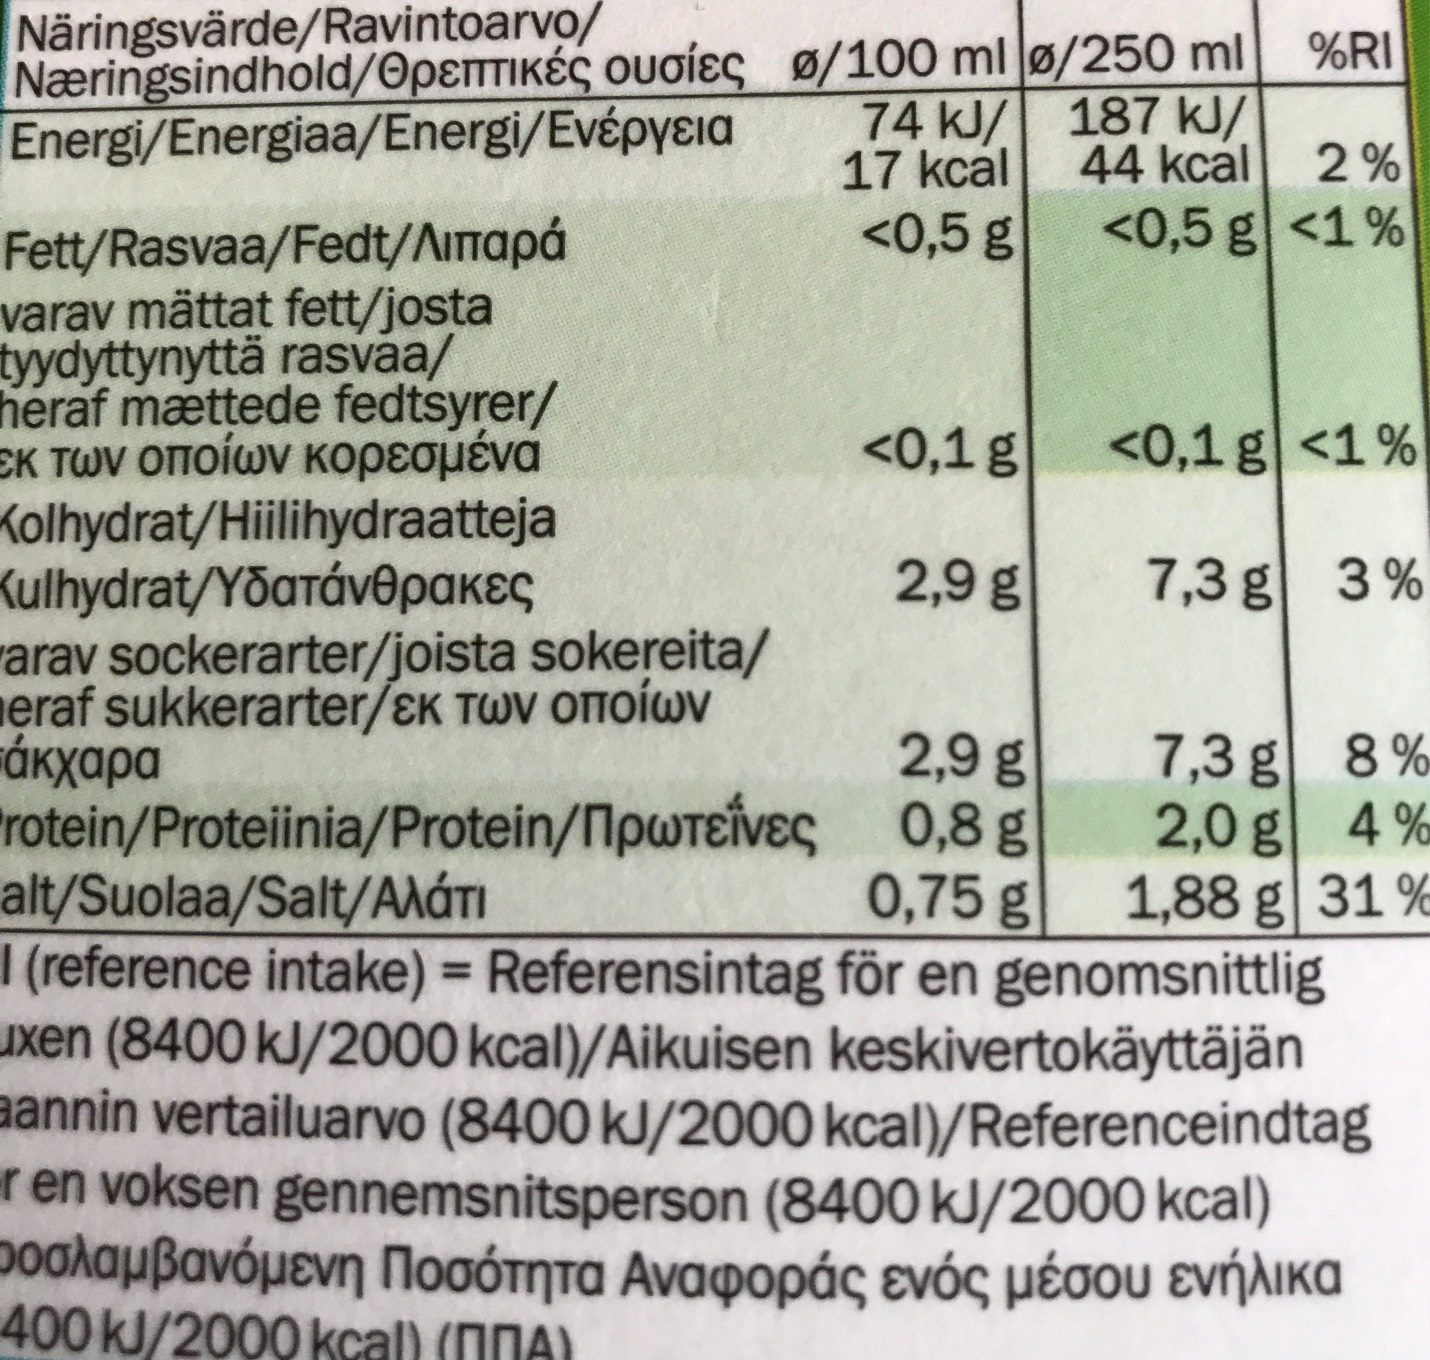 Vitafit - Tomatensaft - Voedigswaarden